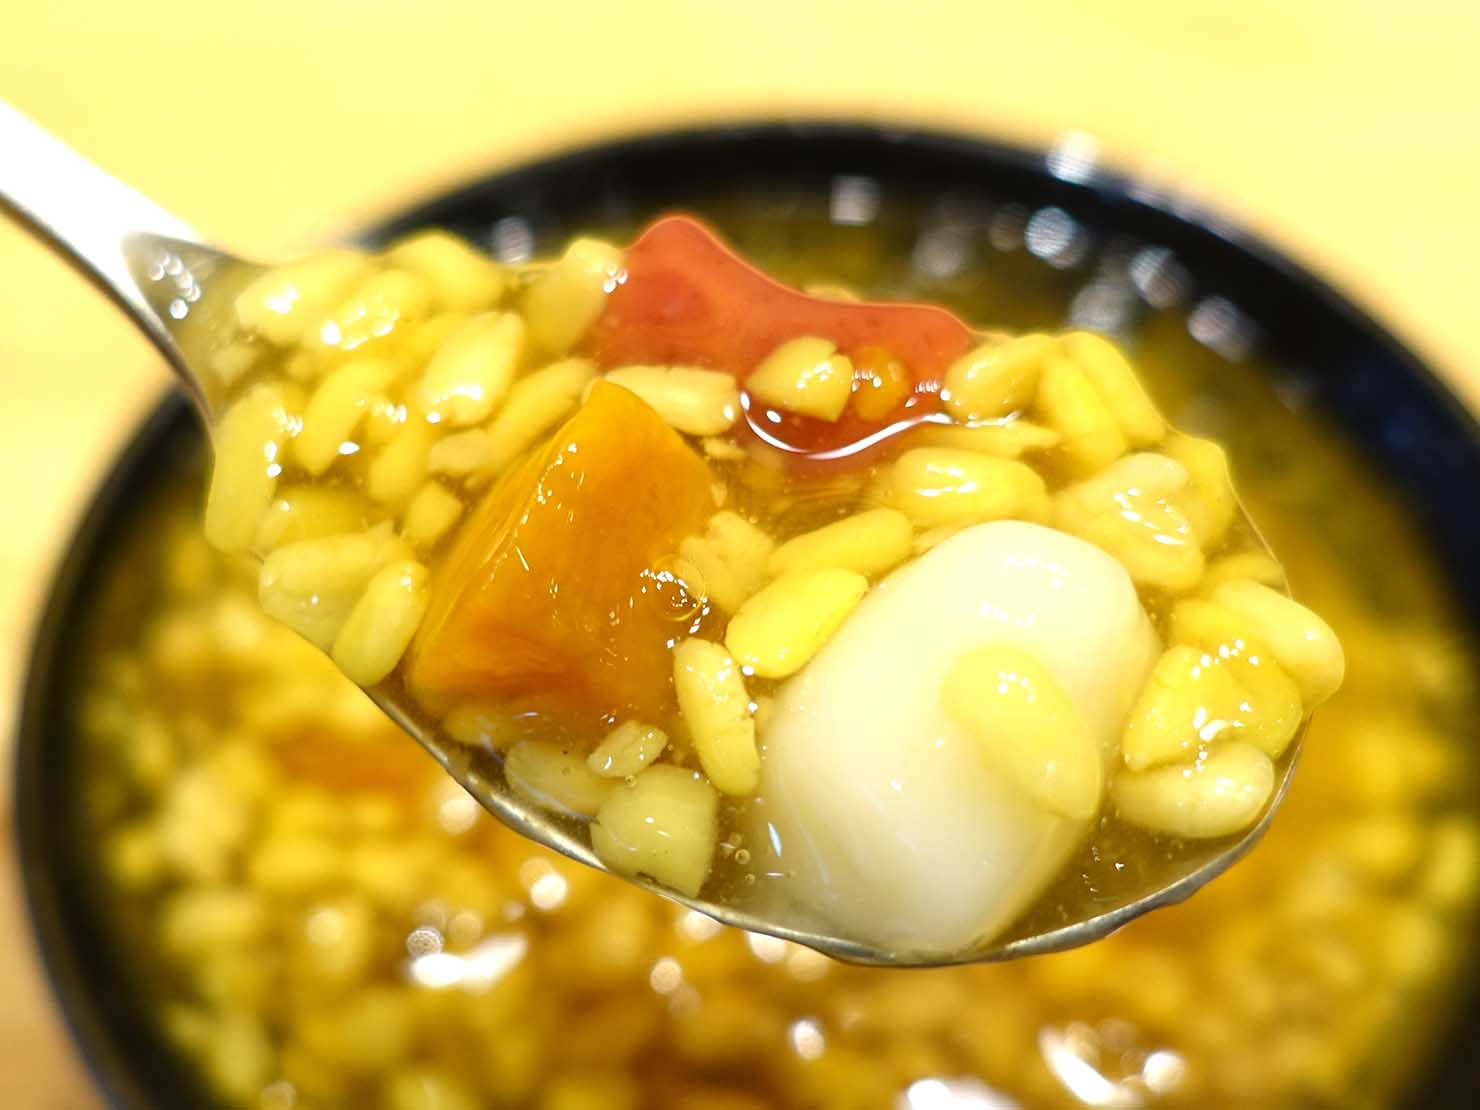 台北・松江南京駅(四平街商圈)周辺のおすすめグルメ店「綠豆蒜啥米」の綠豆蒜クローズアップ